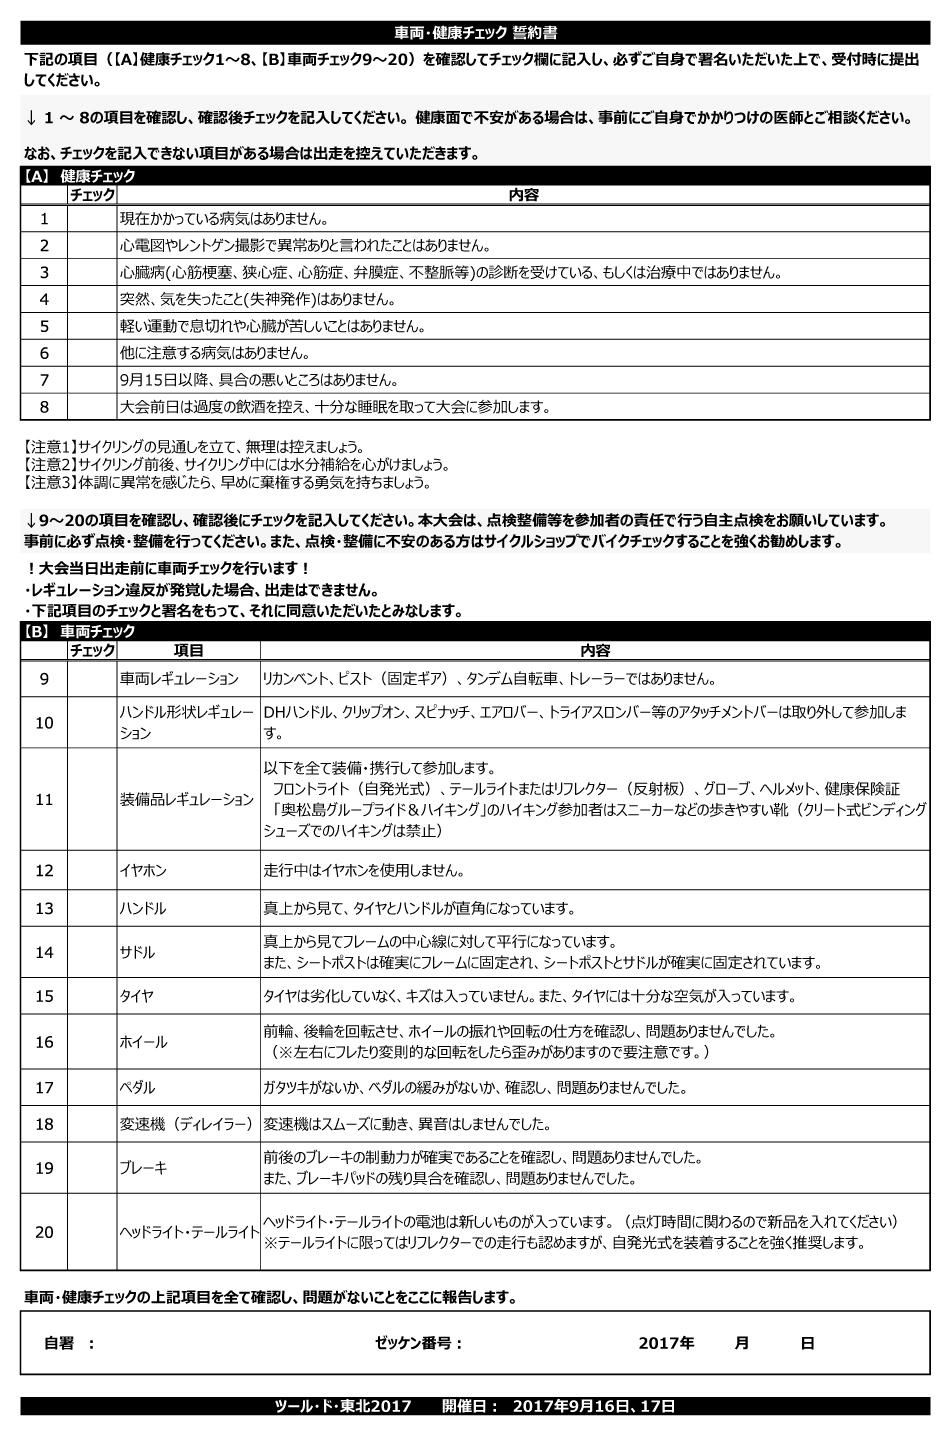 ツール・ド・東北 2017 車両・健康チェック 誓約書の表紙